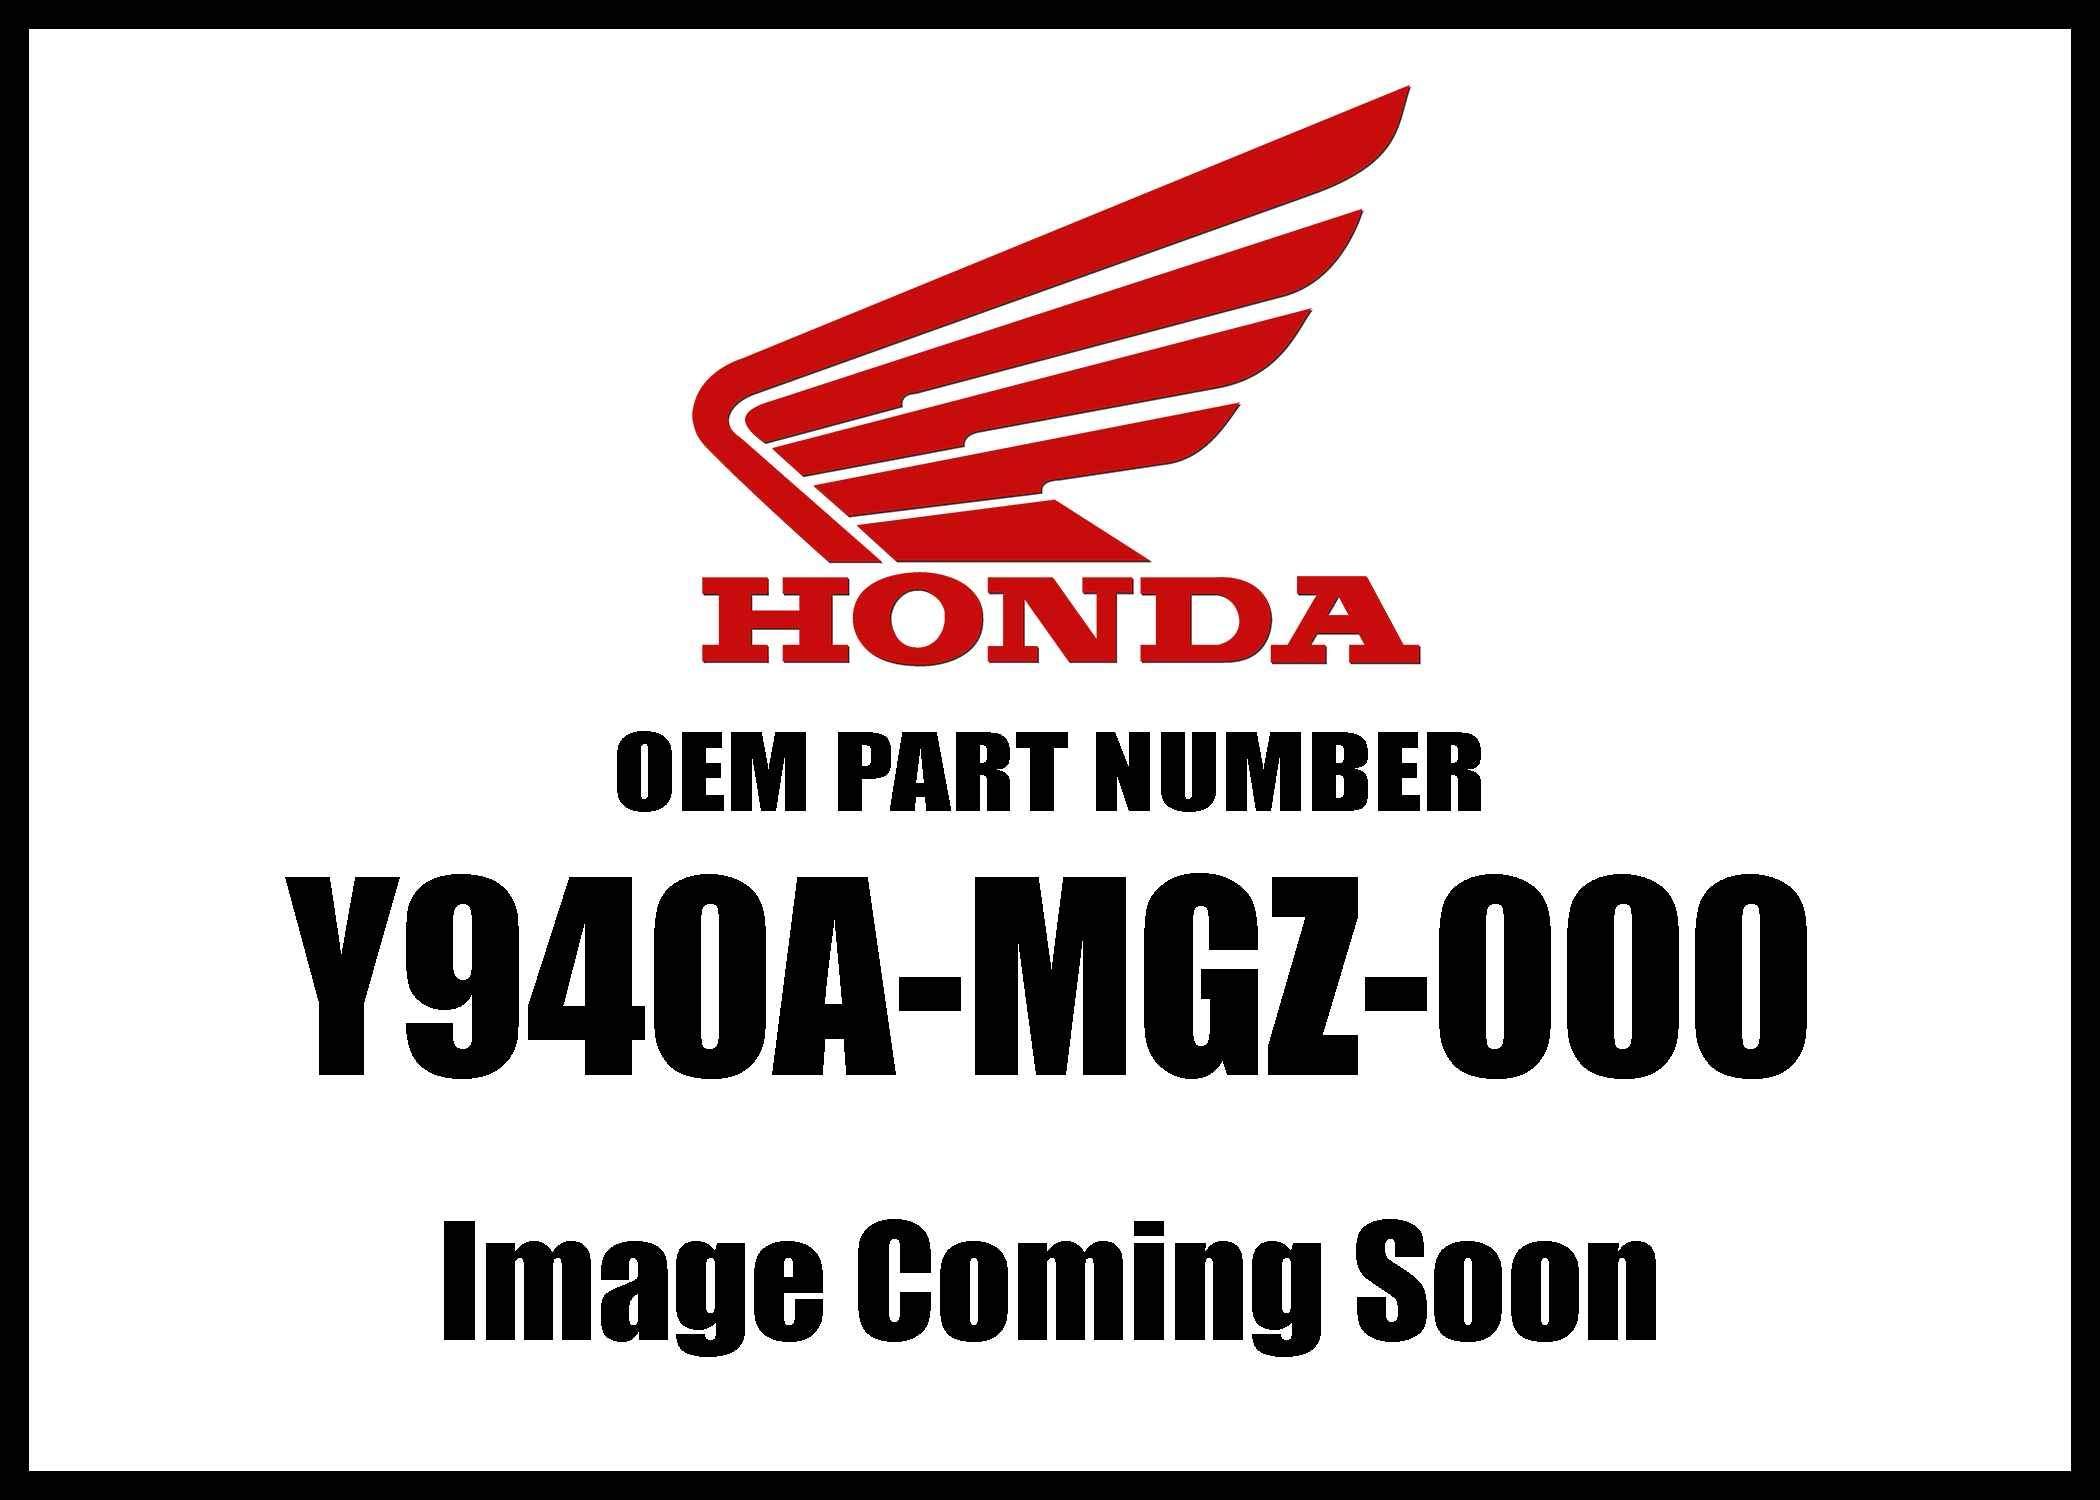 Honda Mc-Accy Nut Flange. 8Mm Y940a-Mgz-000 New Oem